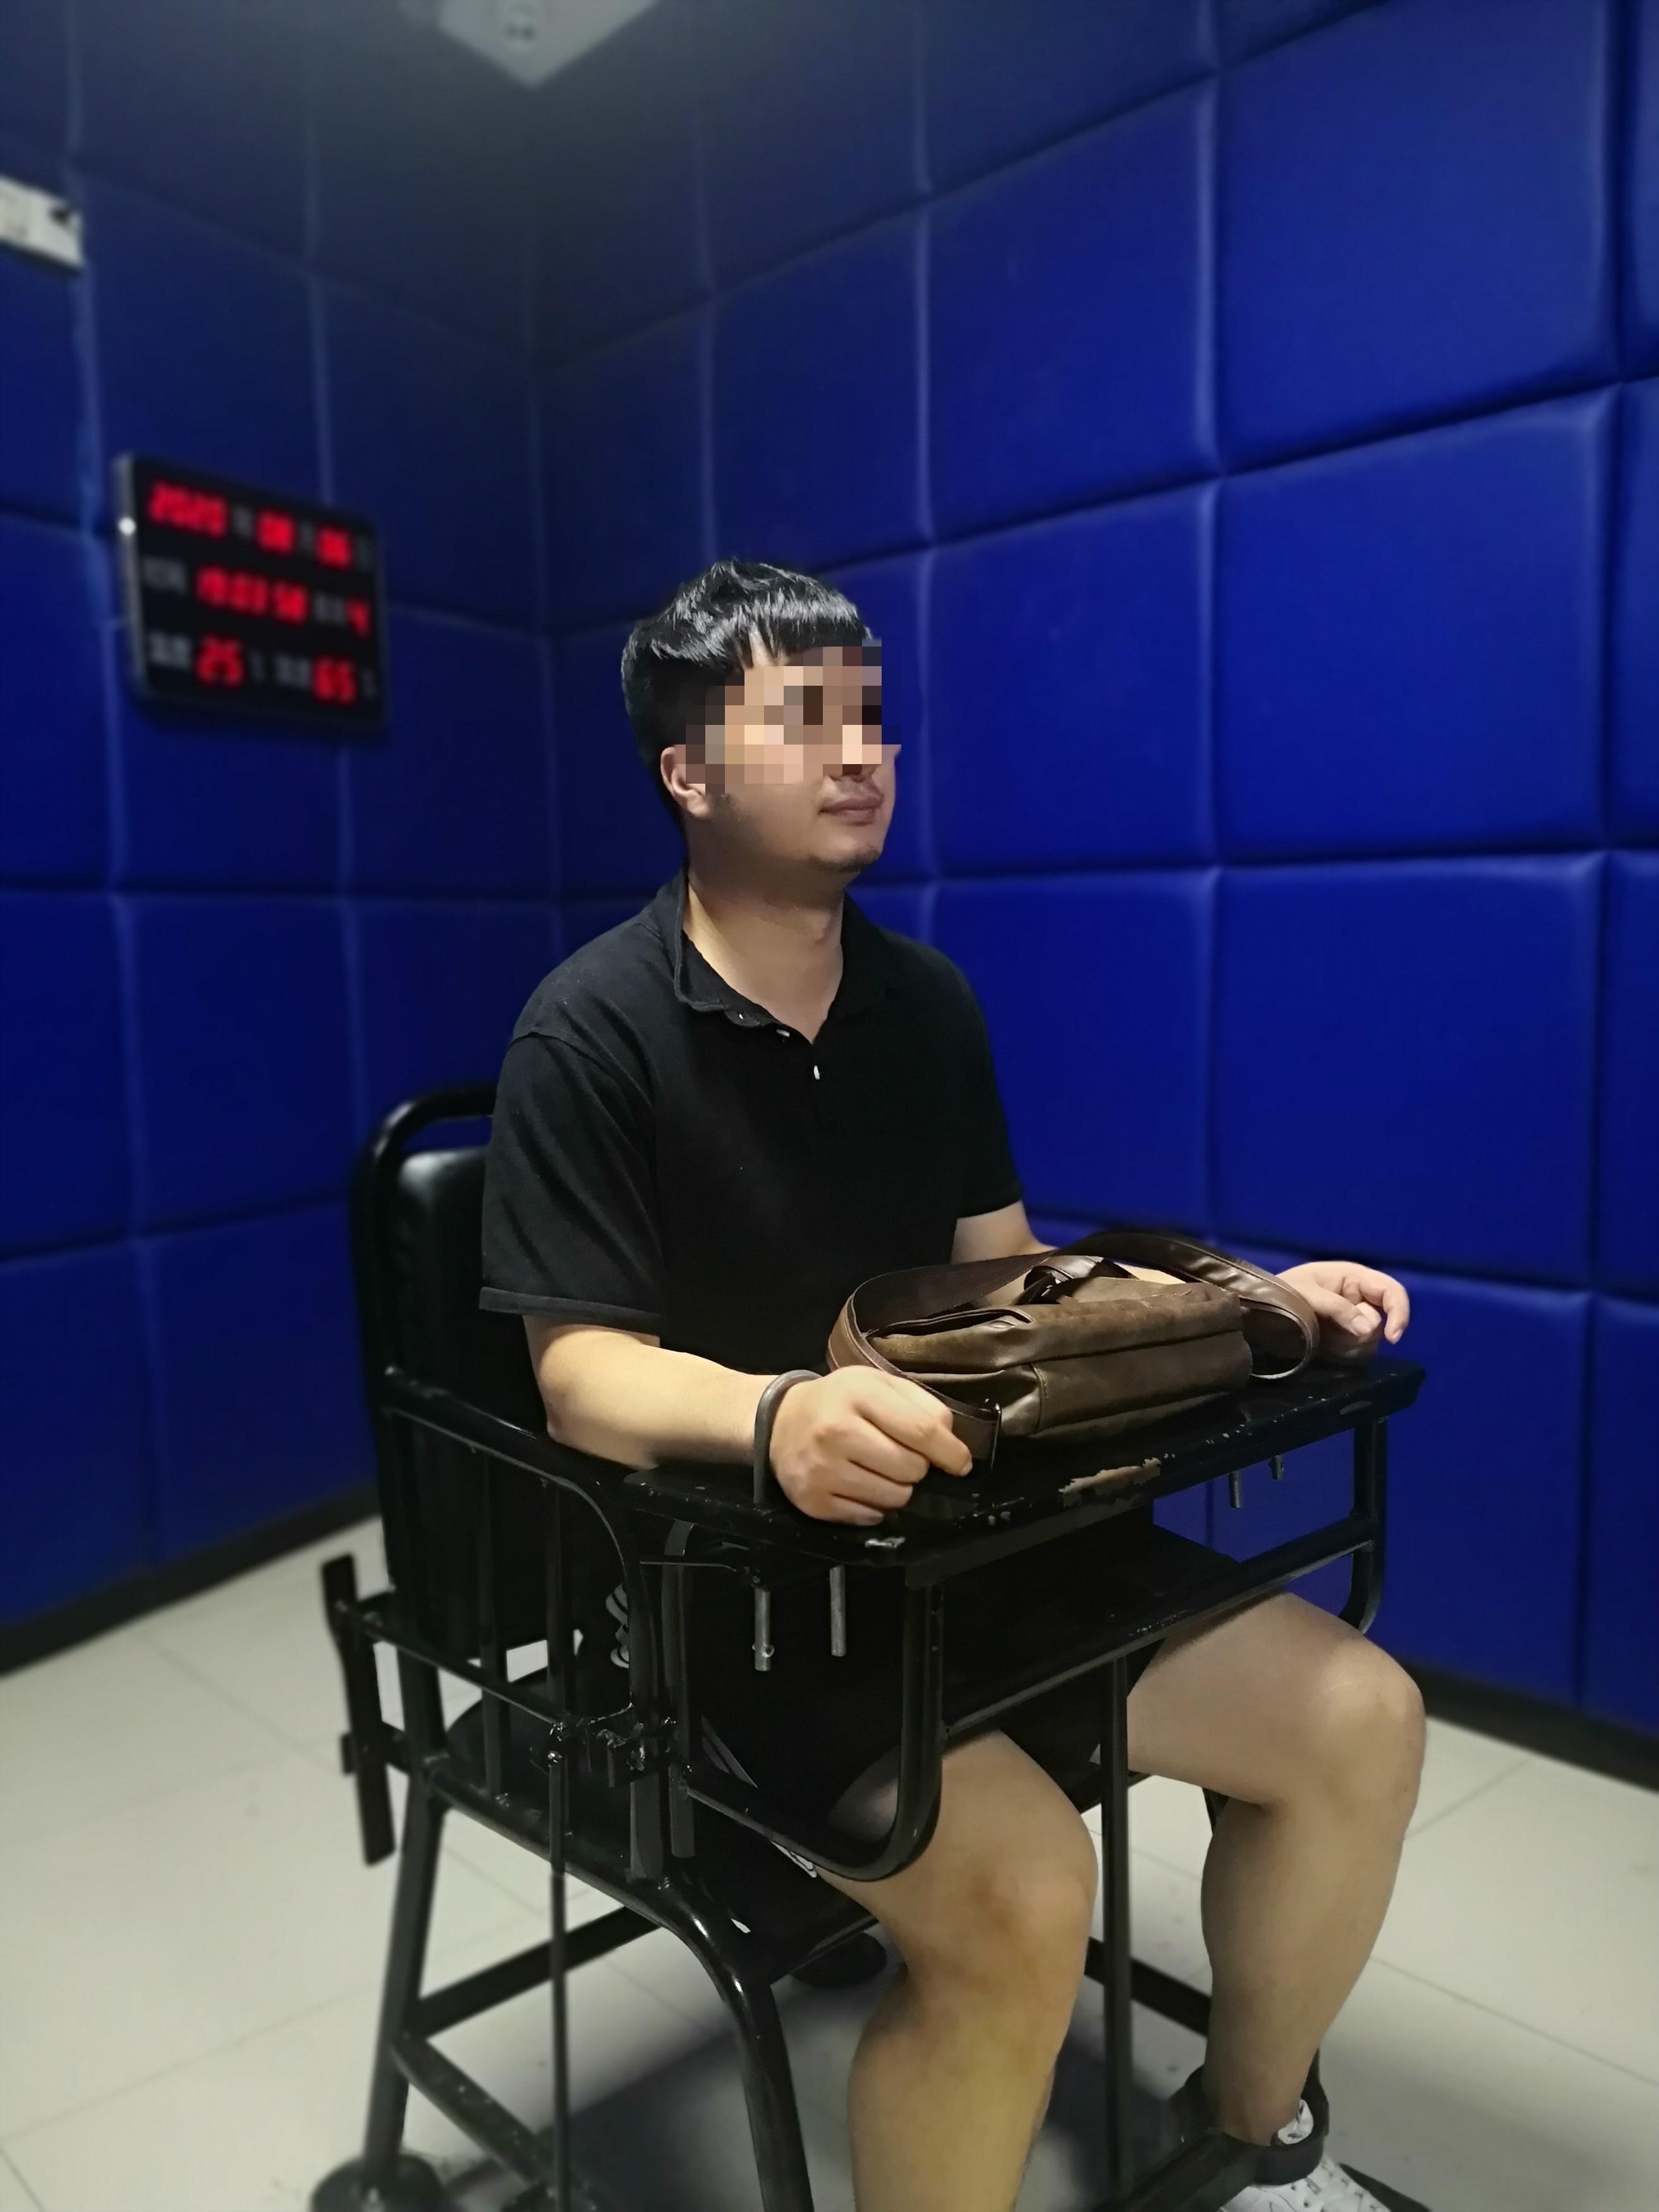 犯罪嫌疑人赵军。警方供图